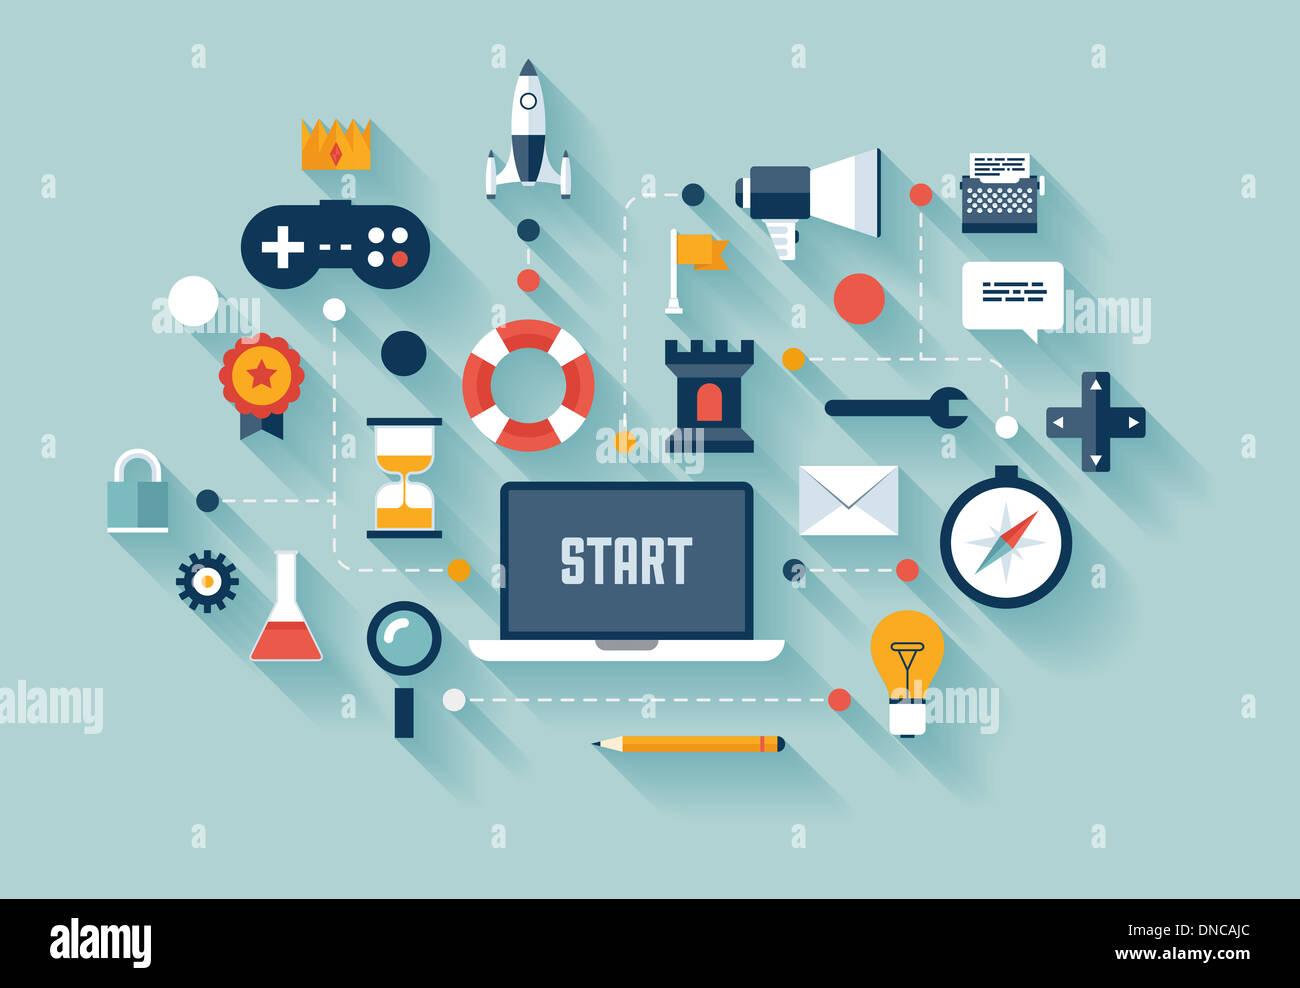 Flaches Design Illustration Konzept der Gamification-Strategie im Unternehmen, neue Trend in social-Media-Marketing und Leben-innovation Stockbild